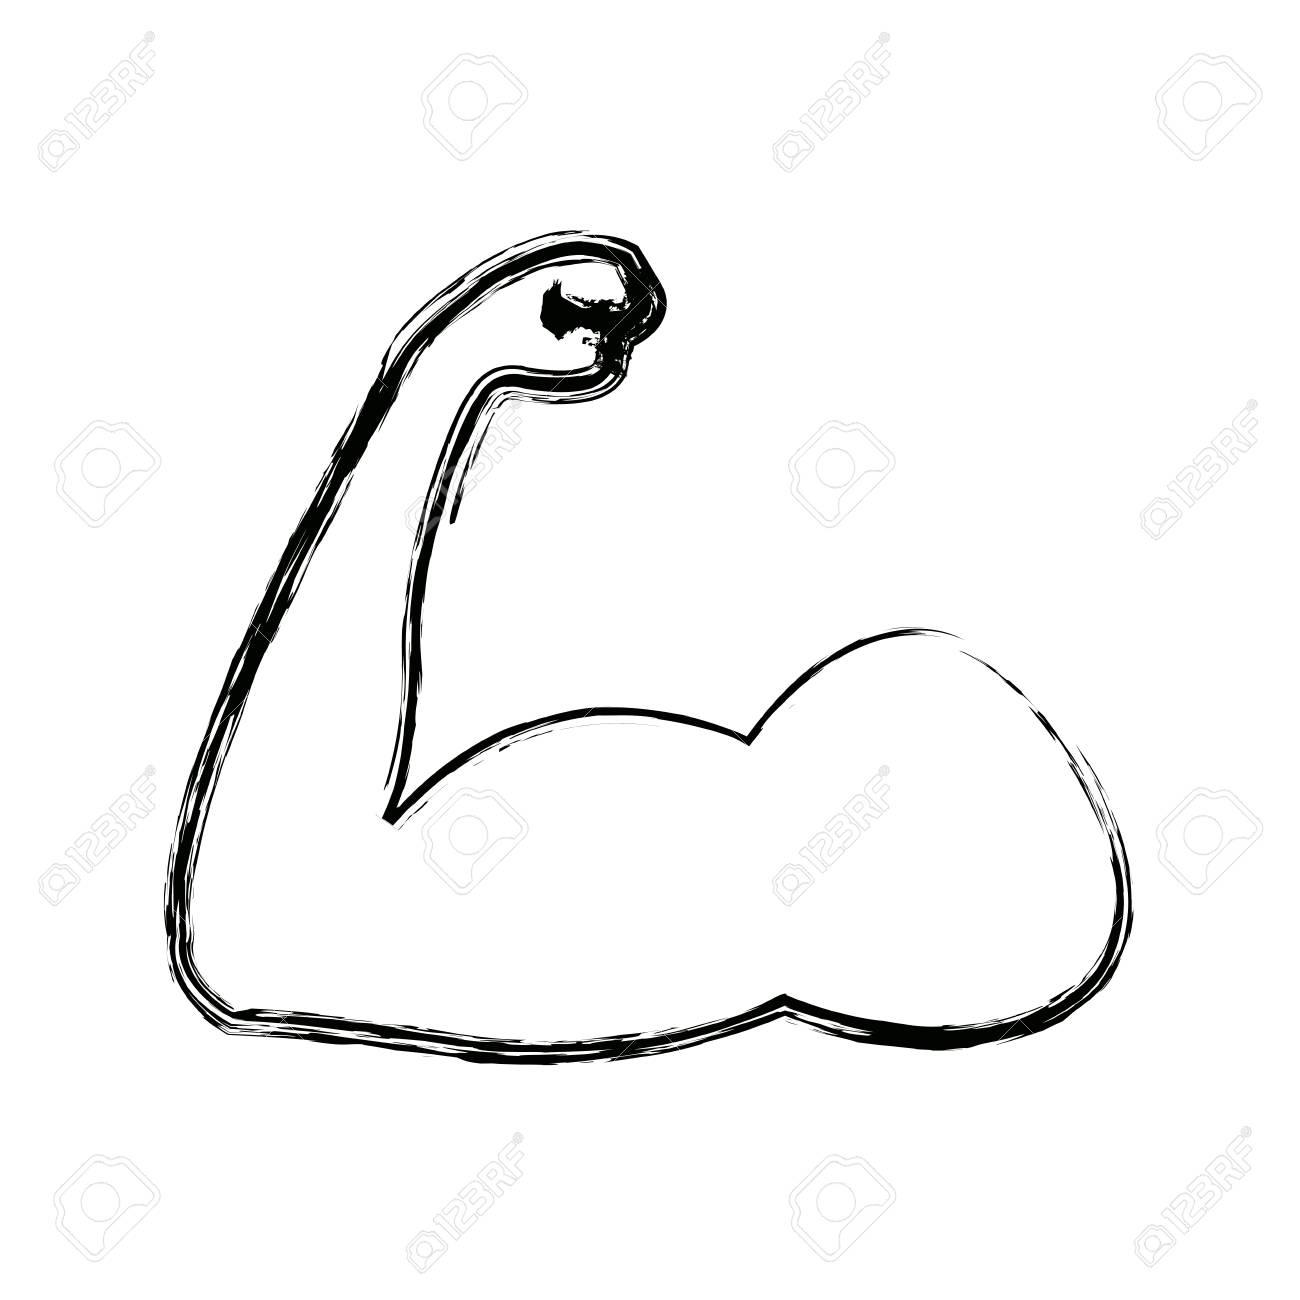 力の強い筋肉腕二頭筋運動ベクトル イラストのイラスト素材ベクタ